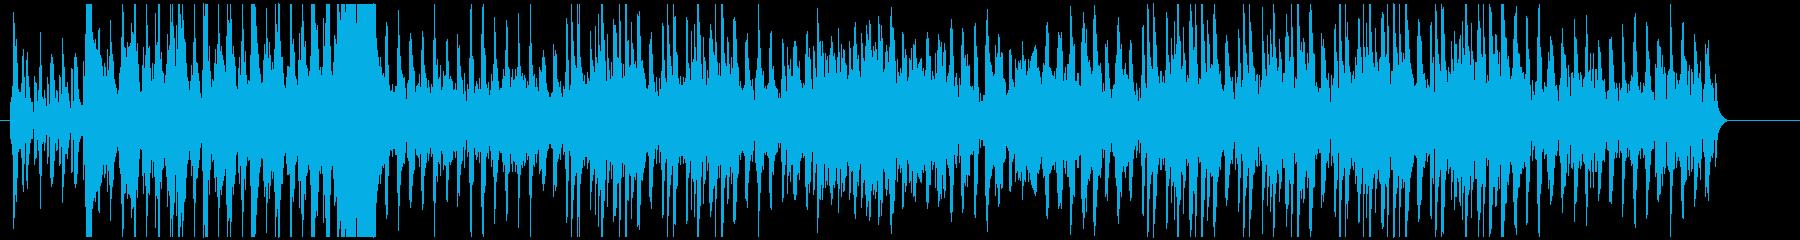 壮大かつ力のある曲の再生済みの波形